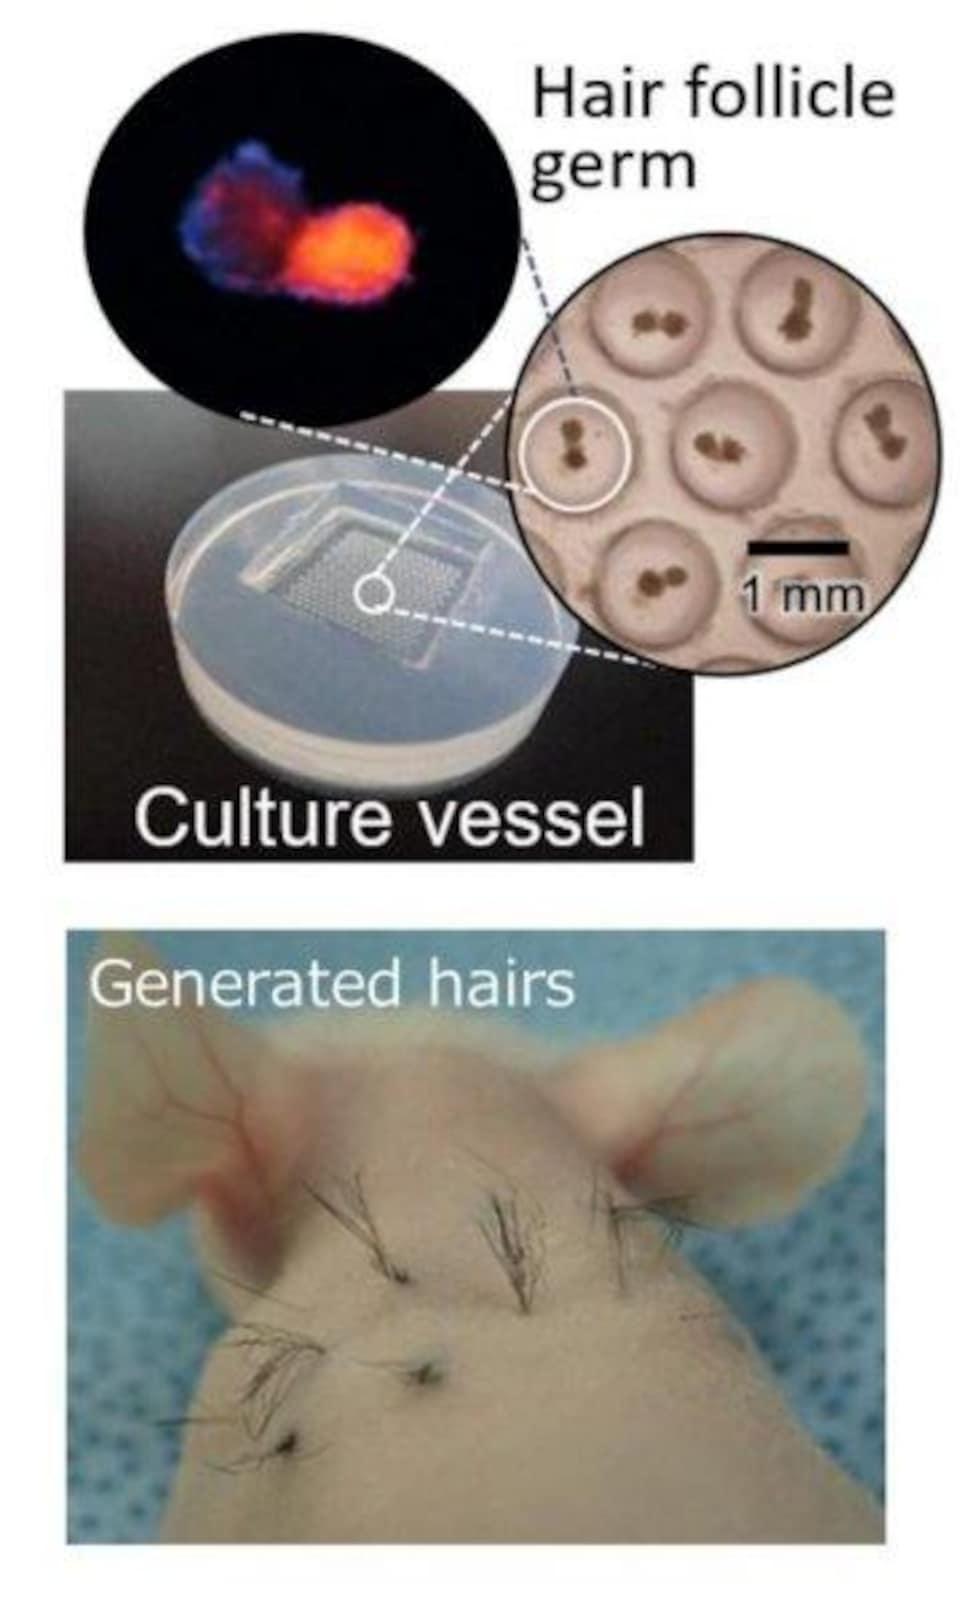 Des cheveux dans le dos d'une souris.